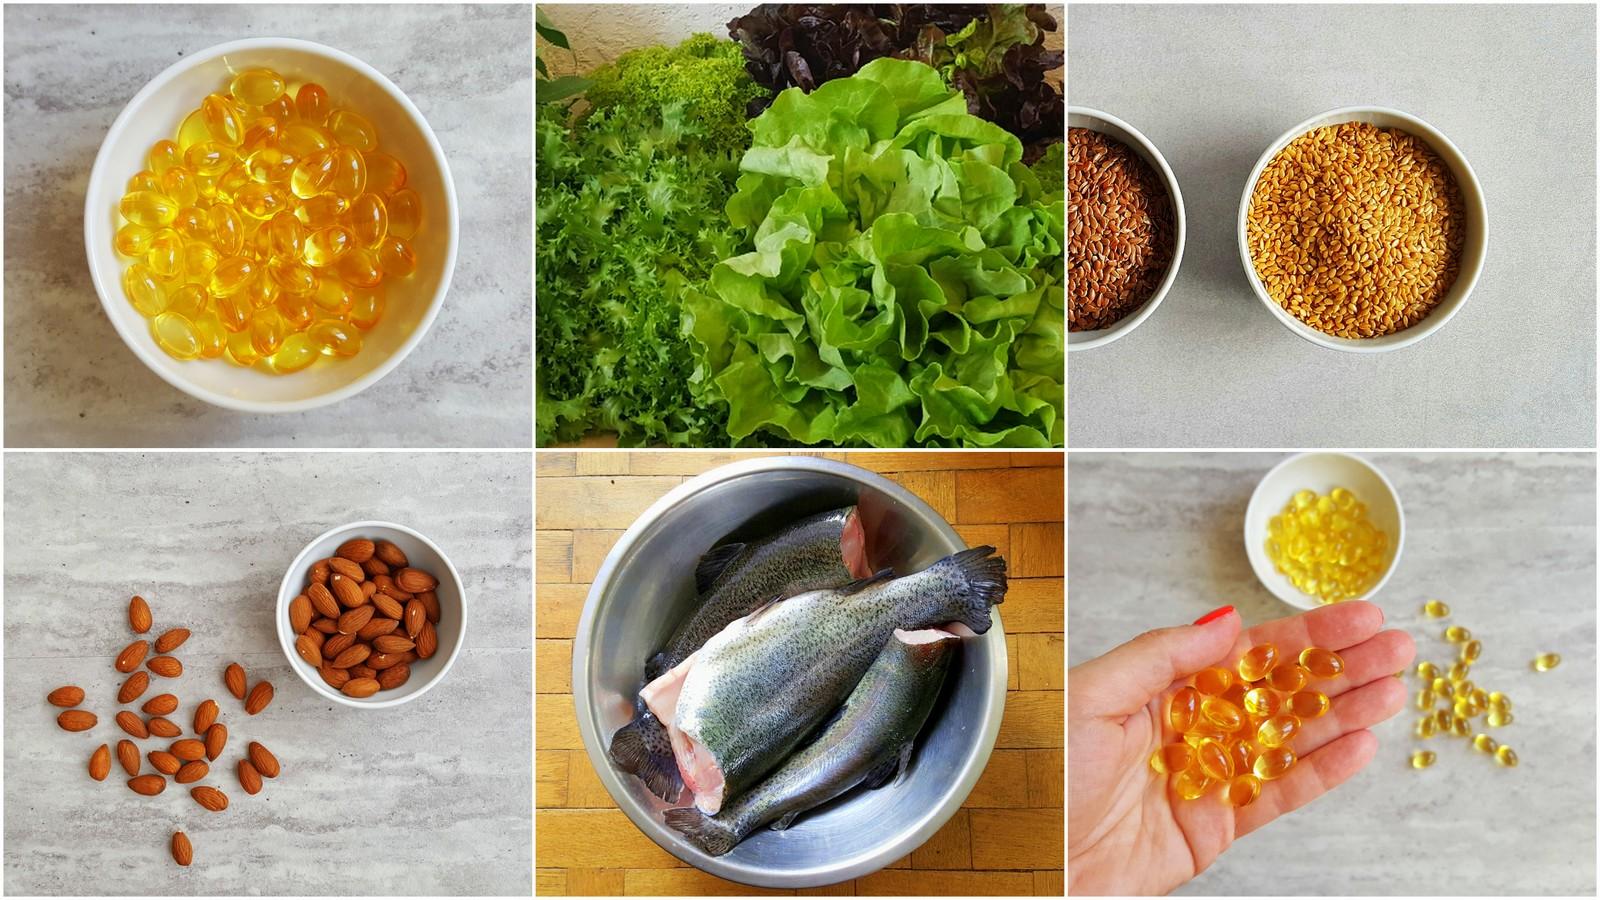 Kwasy omega 3: Ważne przed ciążą, w trakcie ciąży i podczas karmienia